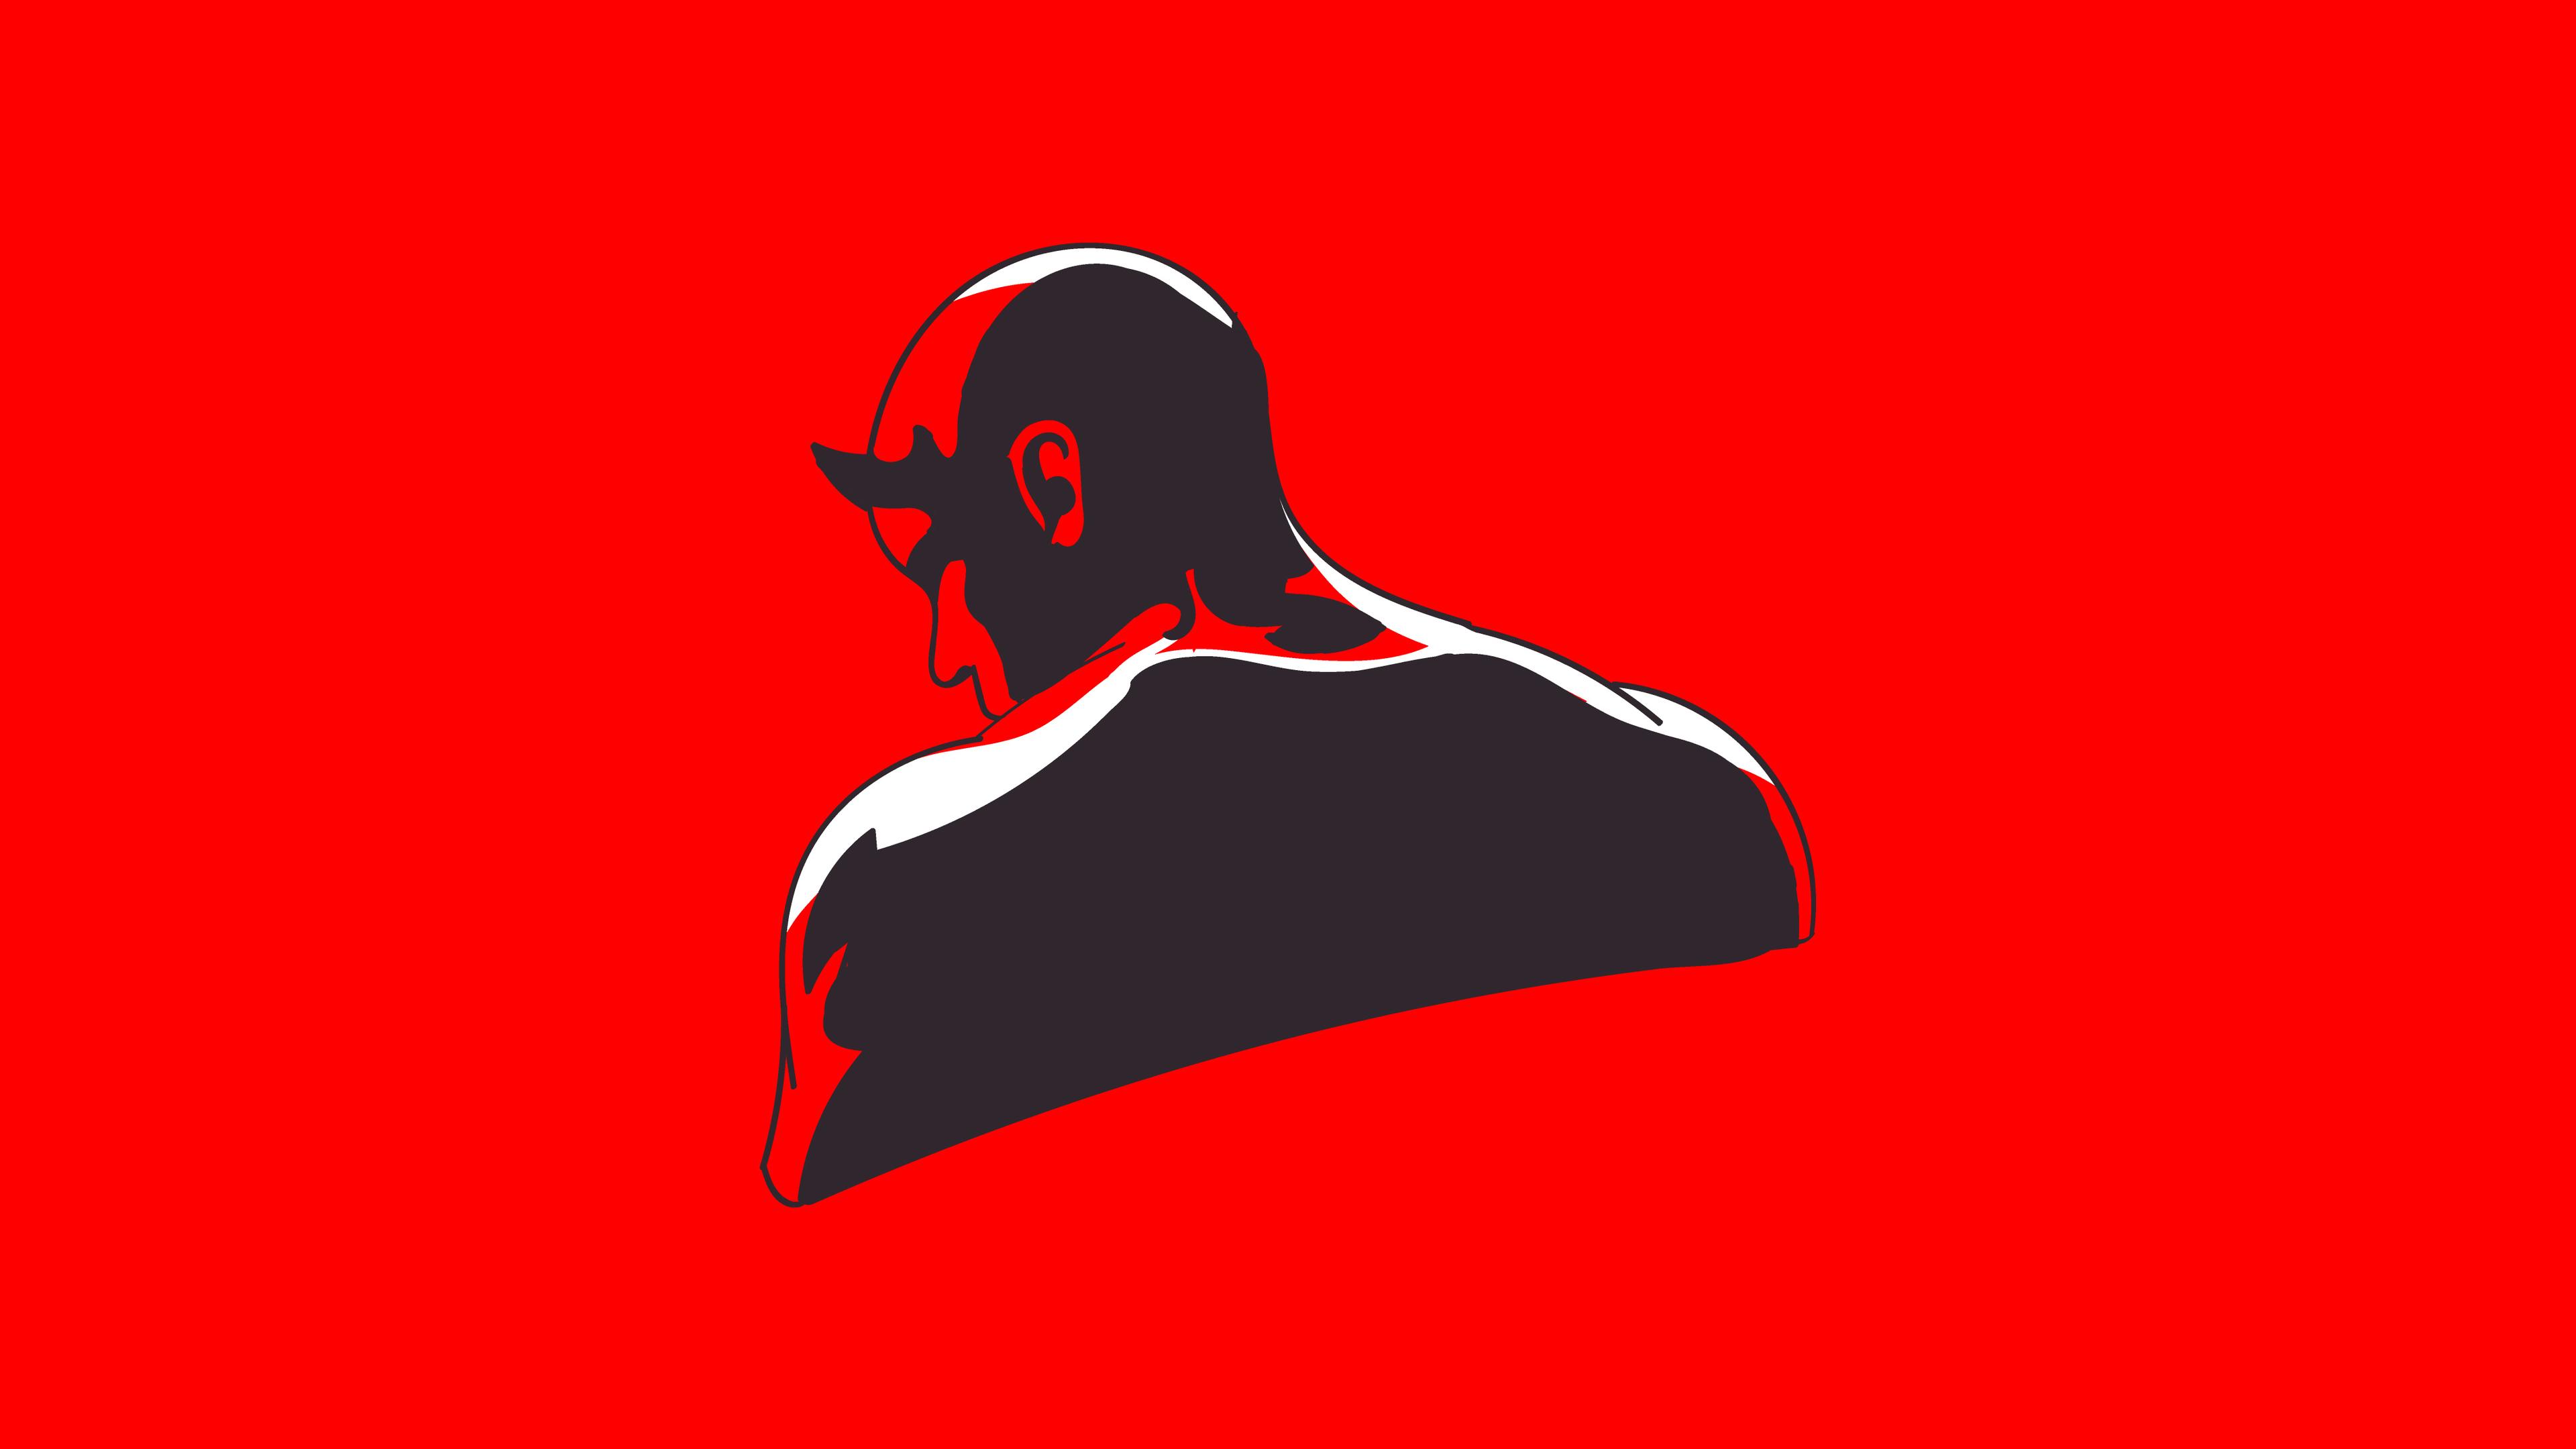 daredevil minimal 4k 1553072189 - Daredevil Minimal 4k - superheroes wallpapers, hd-wallpapers, daredevil wallpapers, artwork wallpapers, 4k-wallpapers